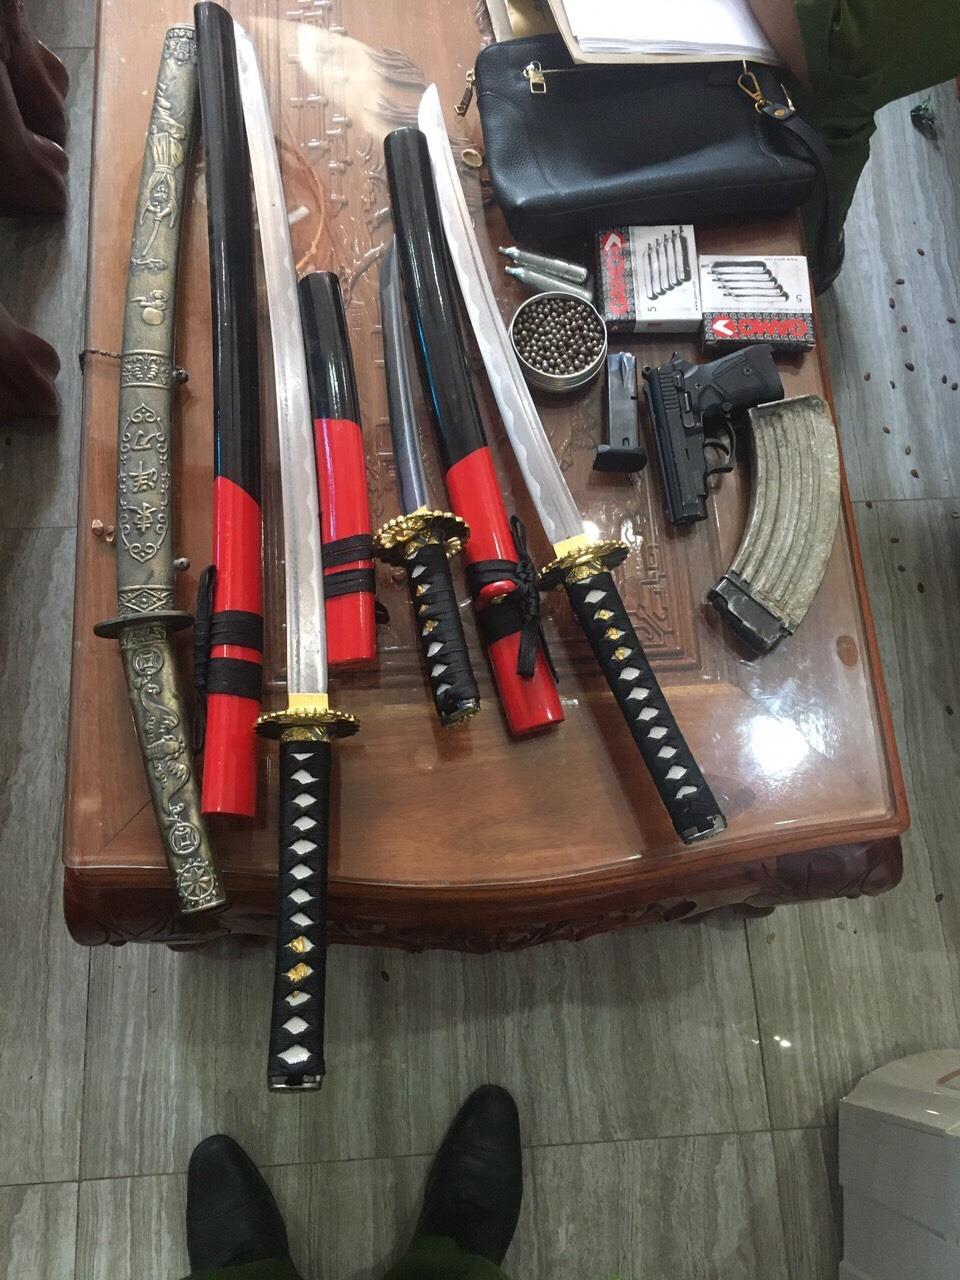 Vũ khí thu giữ tại nhà đối tượng